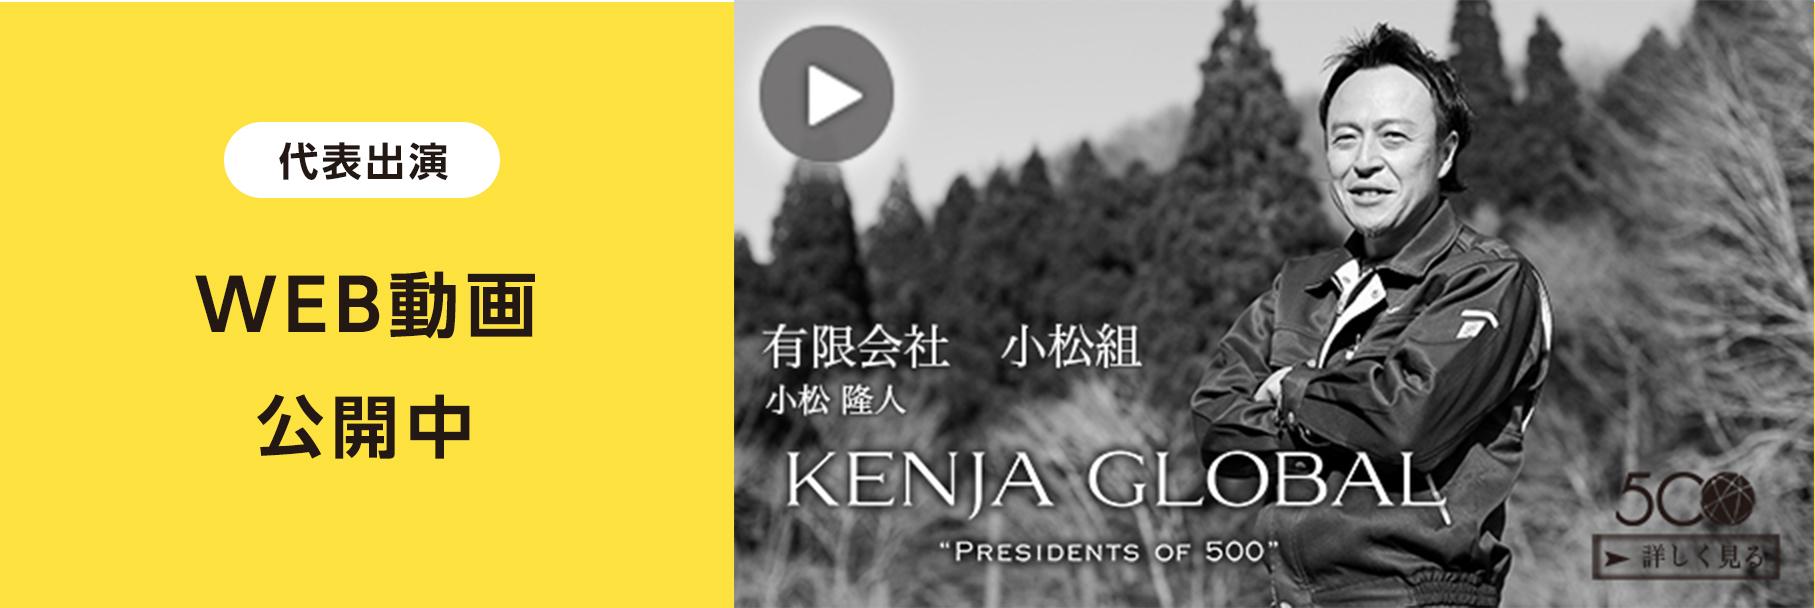 KENJA GLOBAL(賢者グローバル) 有限会社小松組 小松隆人